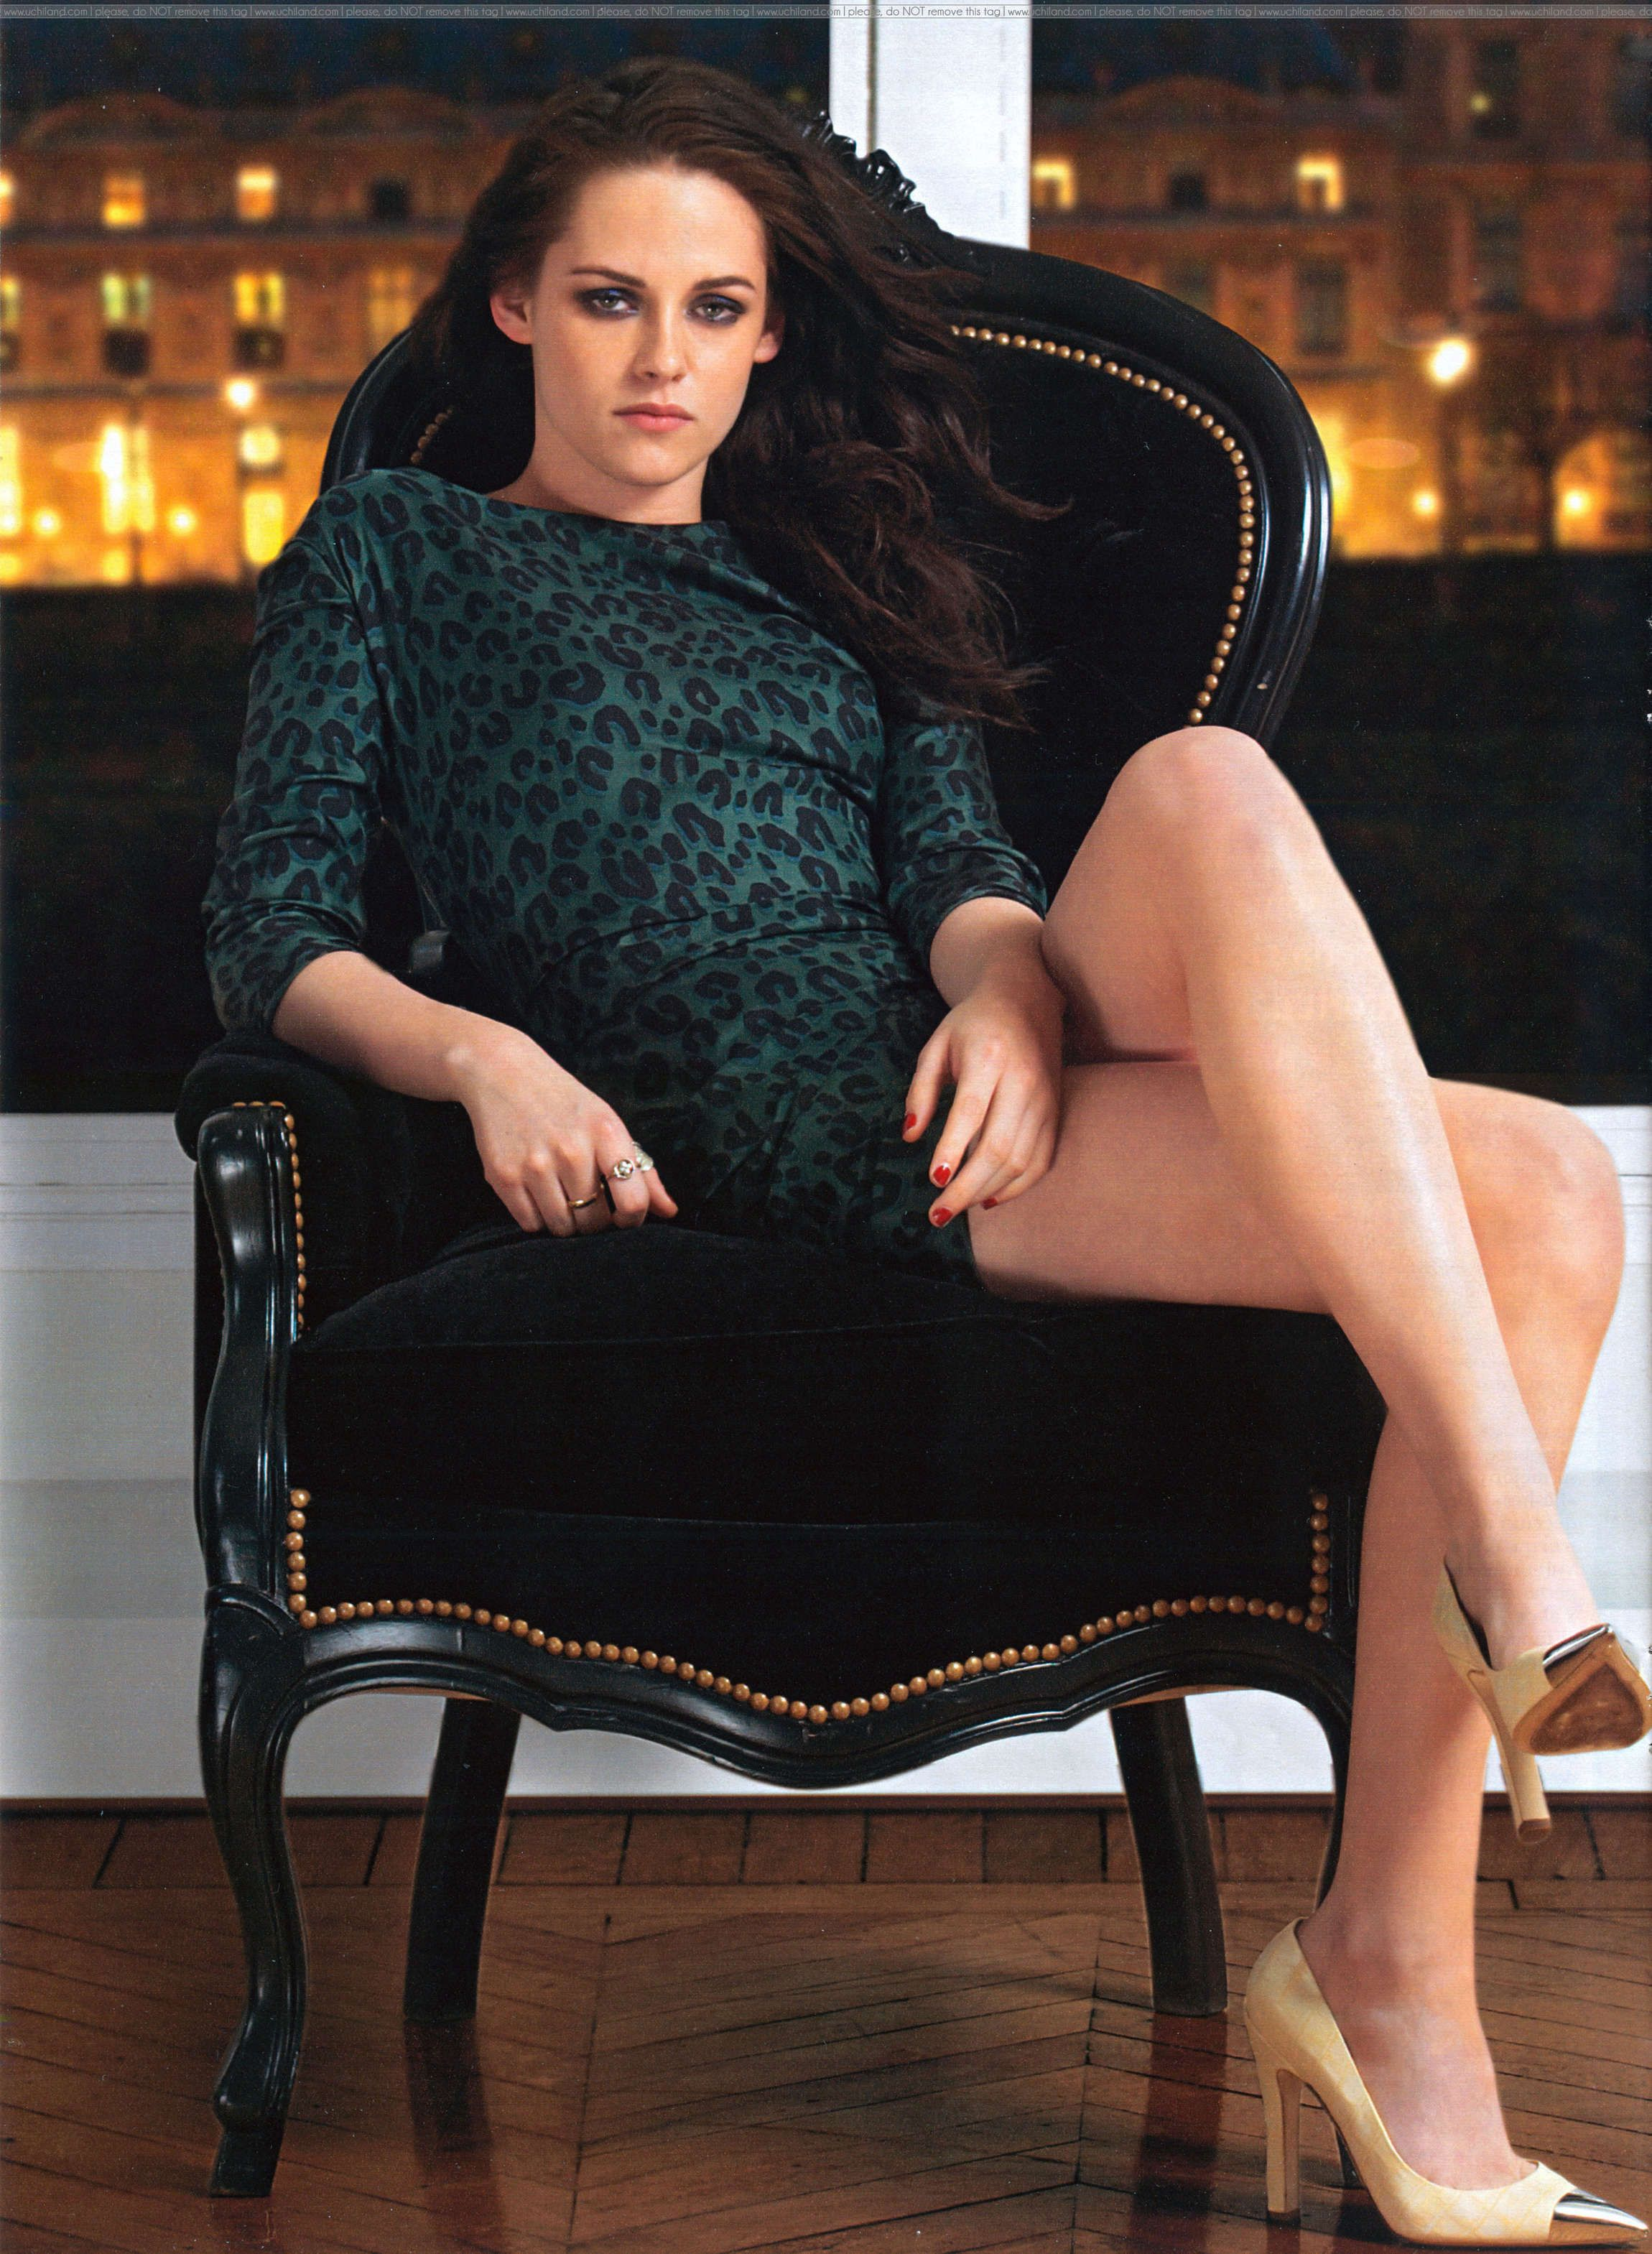 kristen stewart legs | Kristen Stewart Showing Sexy Legs in Hola magazine-01 - Full Size